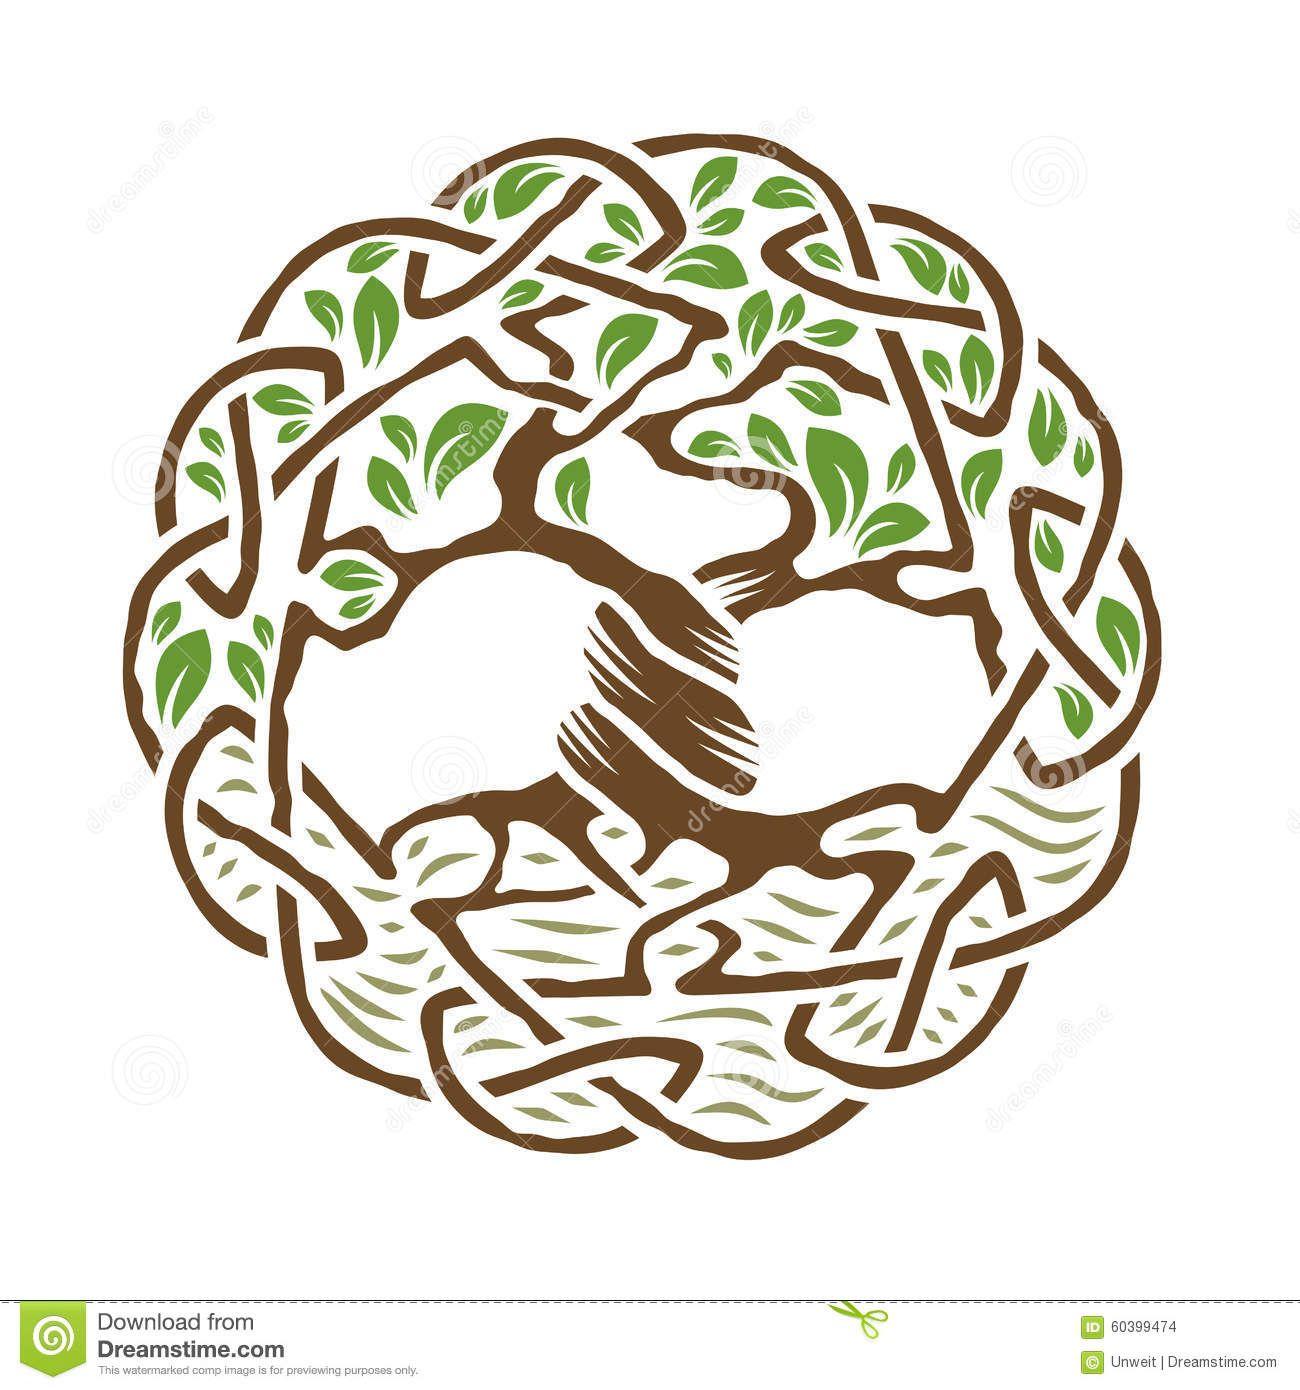 Baum des Lebens T-Shirt Mother Earth Green Living Druide Wicca Pagan Keltisch